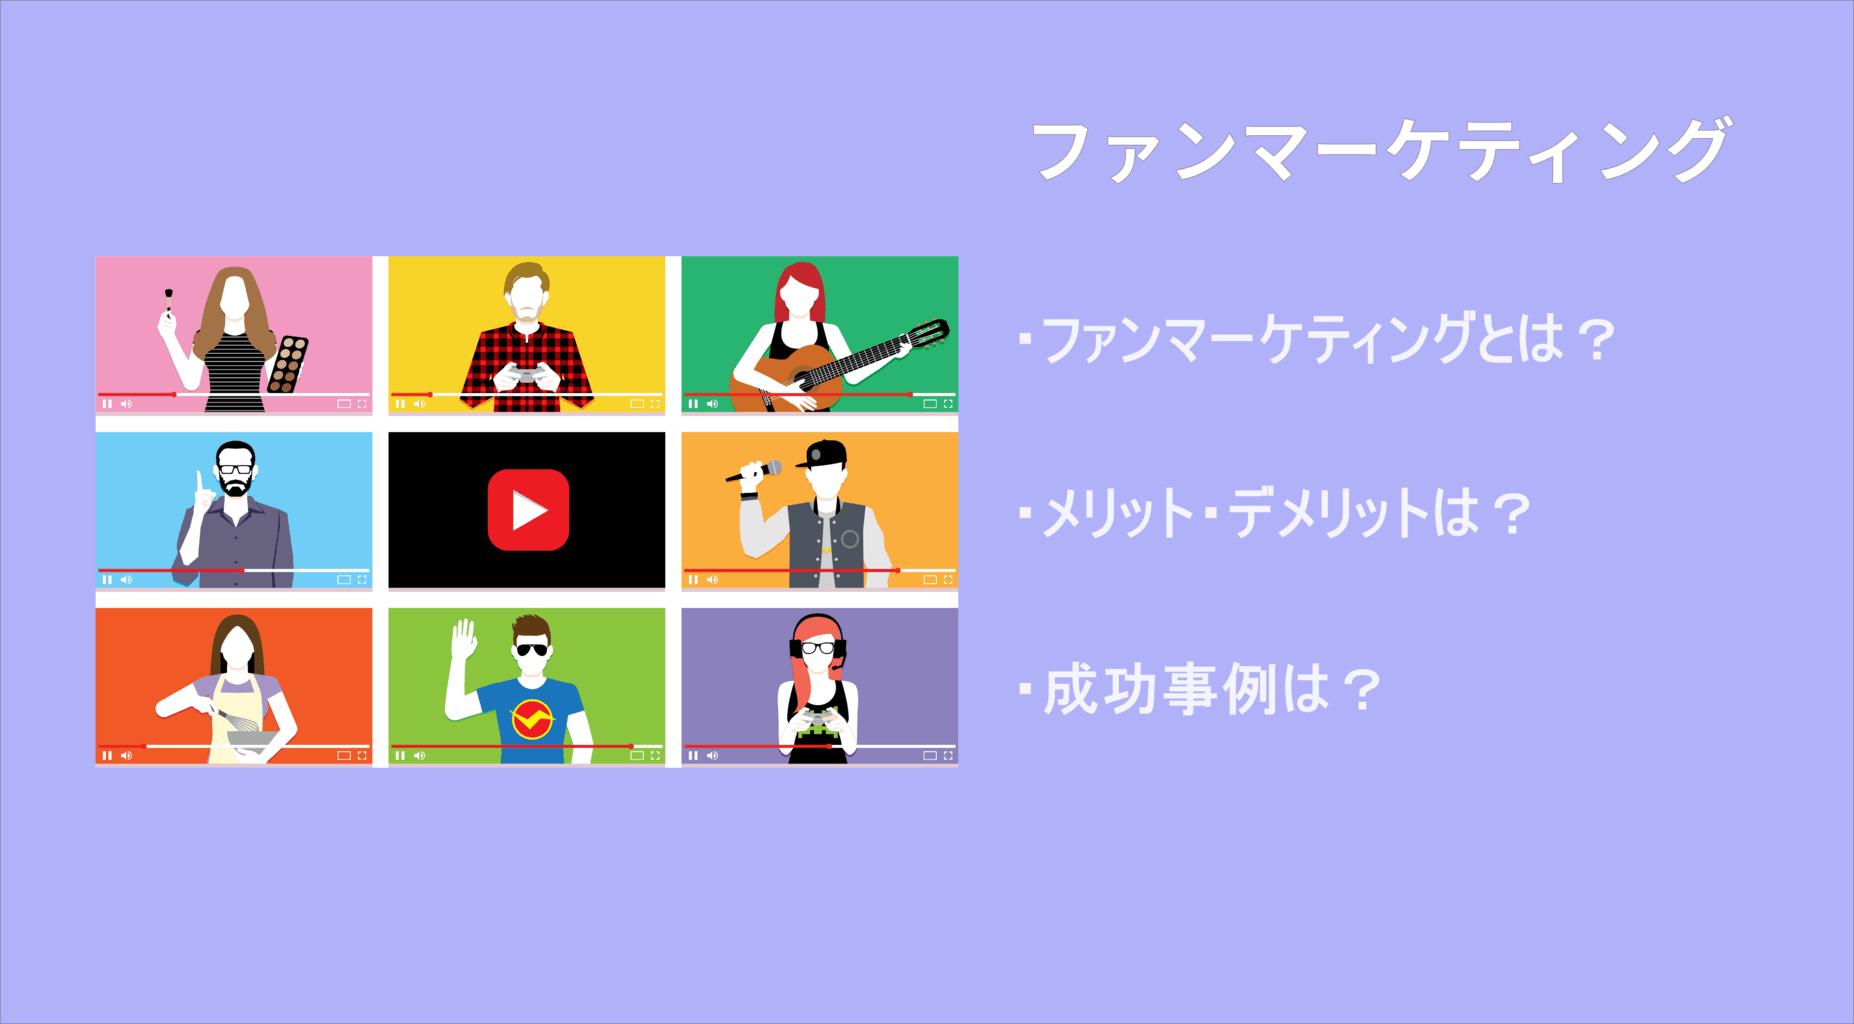 ファンマーケティングとは?メリット・デメリットや成功事例も紹介!